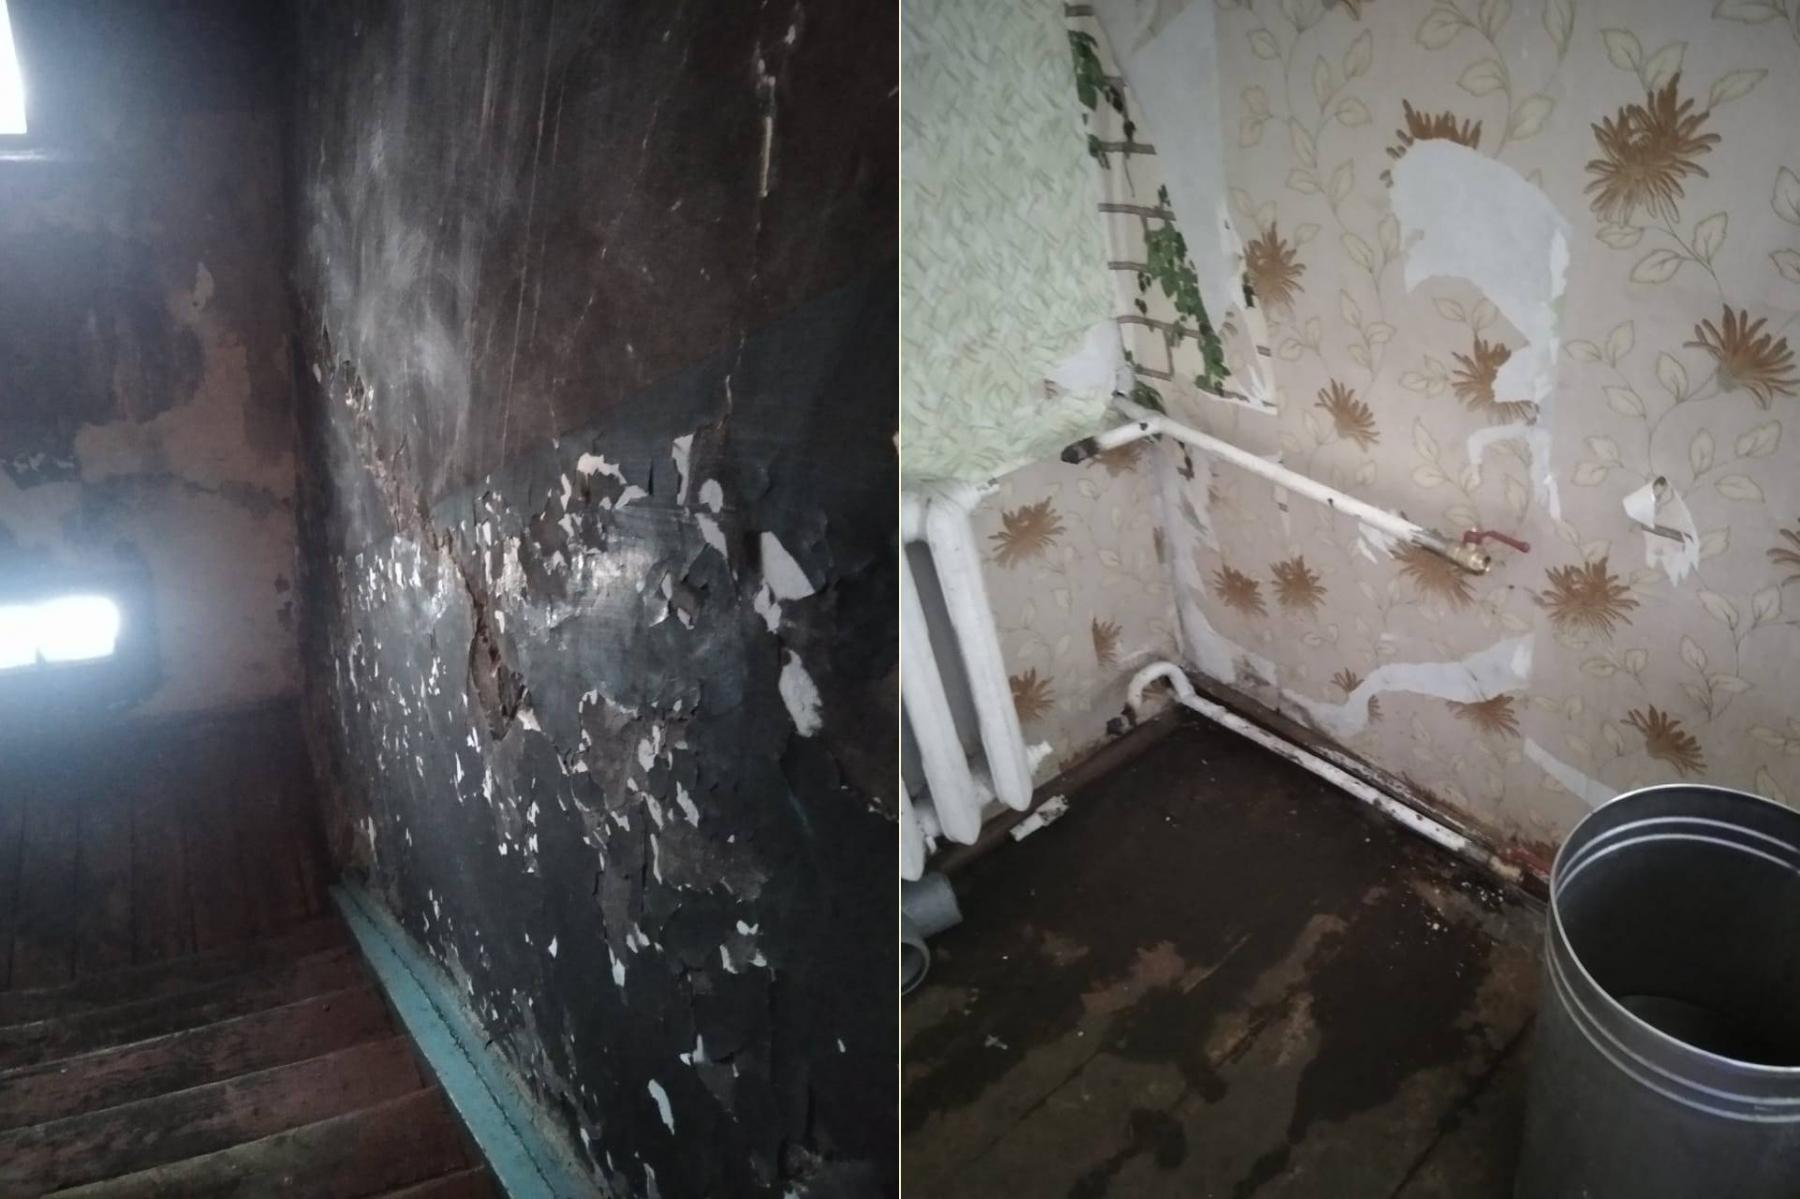 Фото «Адские трущобы 21 века»: десять жутких фото из затопленного кипятком аварийного дома в Новосибирске 4